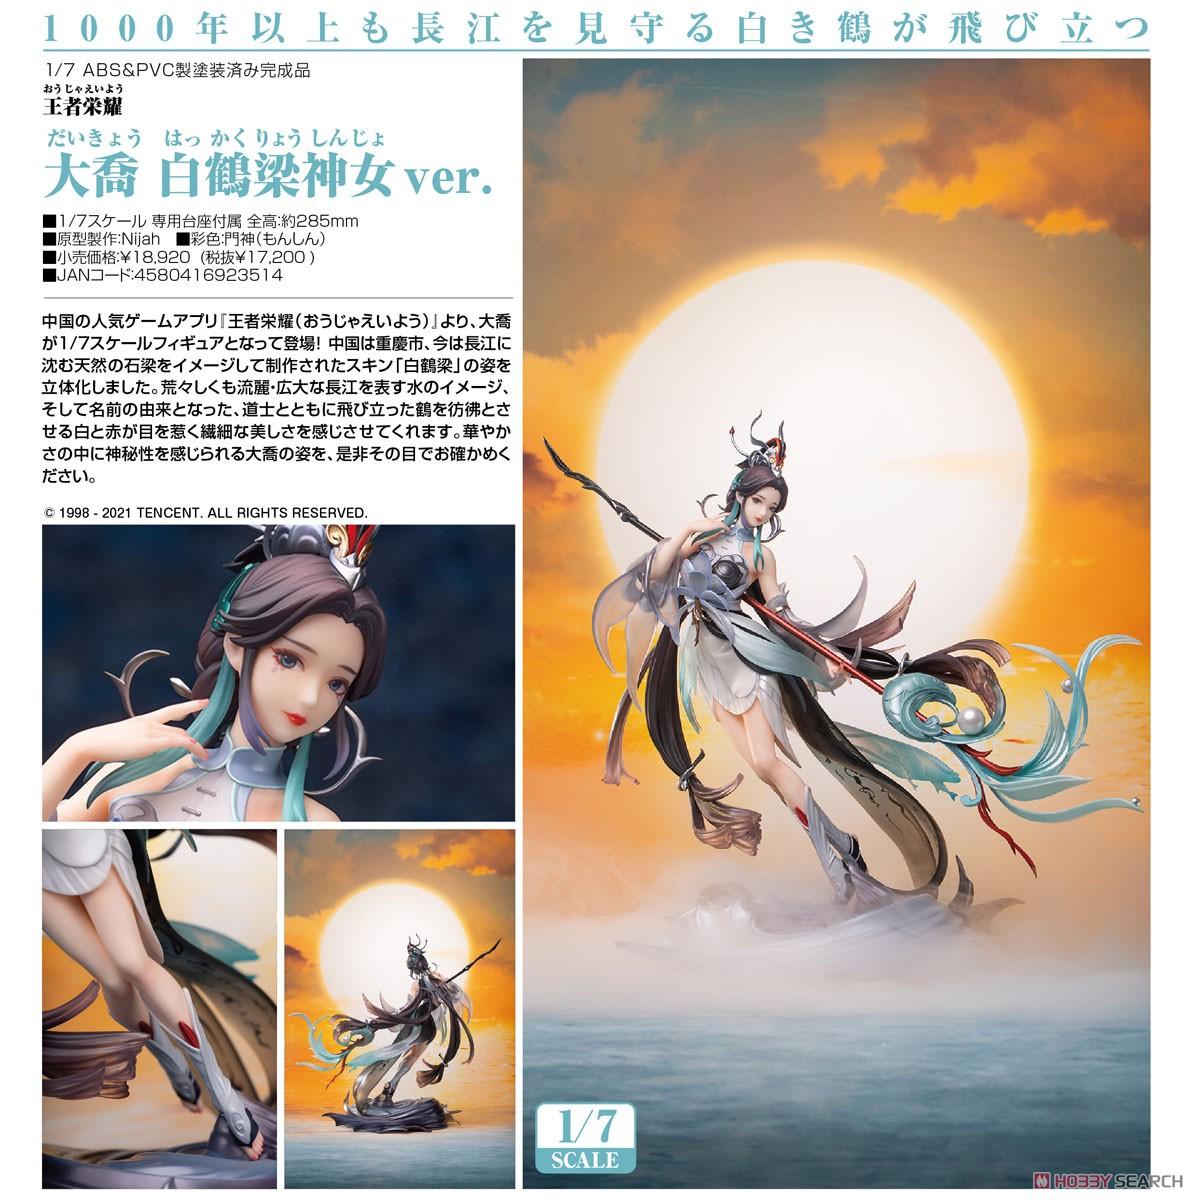 王者栄耀『大喬 白鶴梁神女ver.』1/7 完成品フィギュア-012